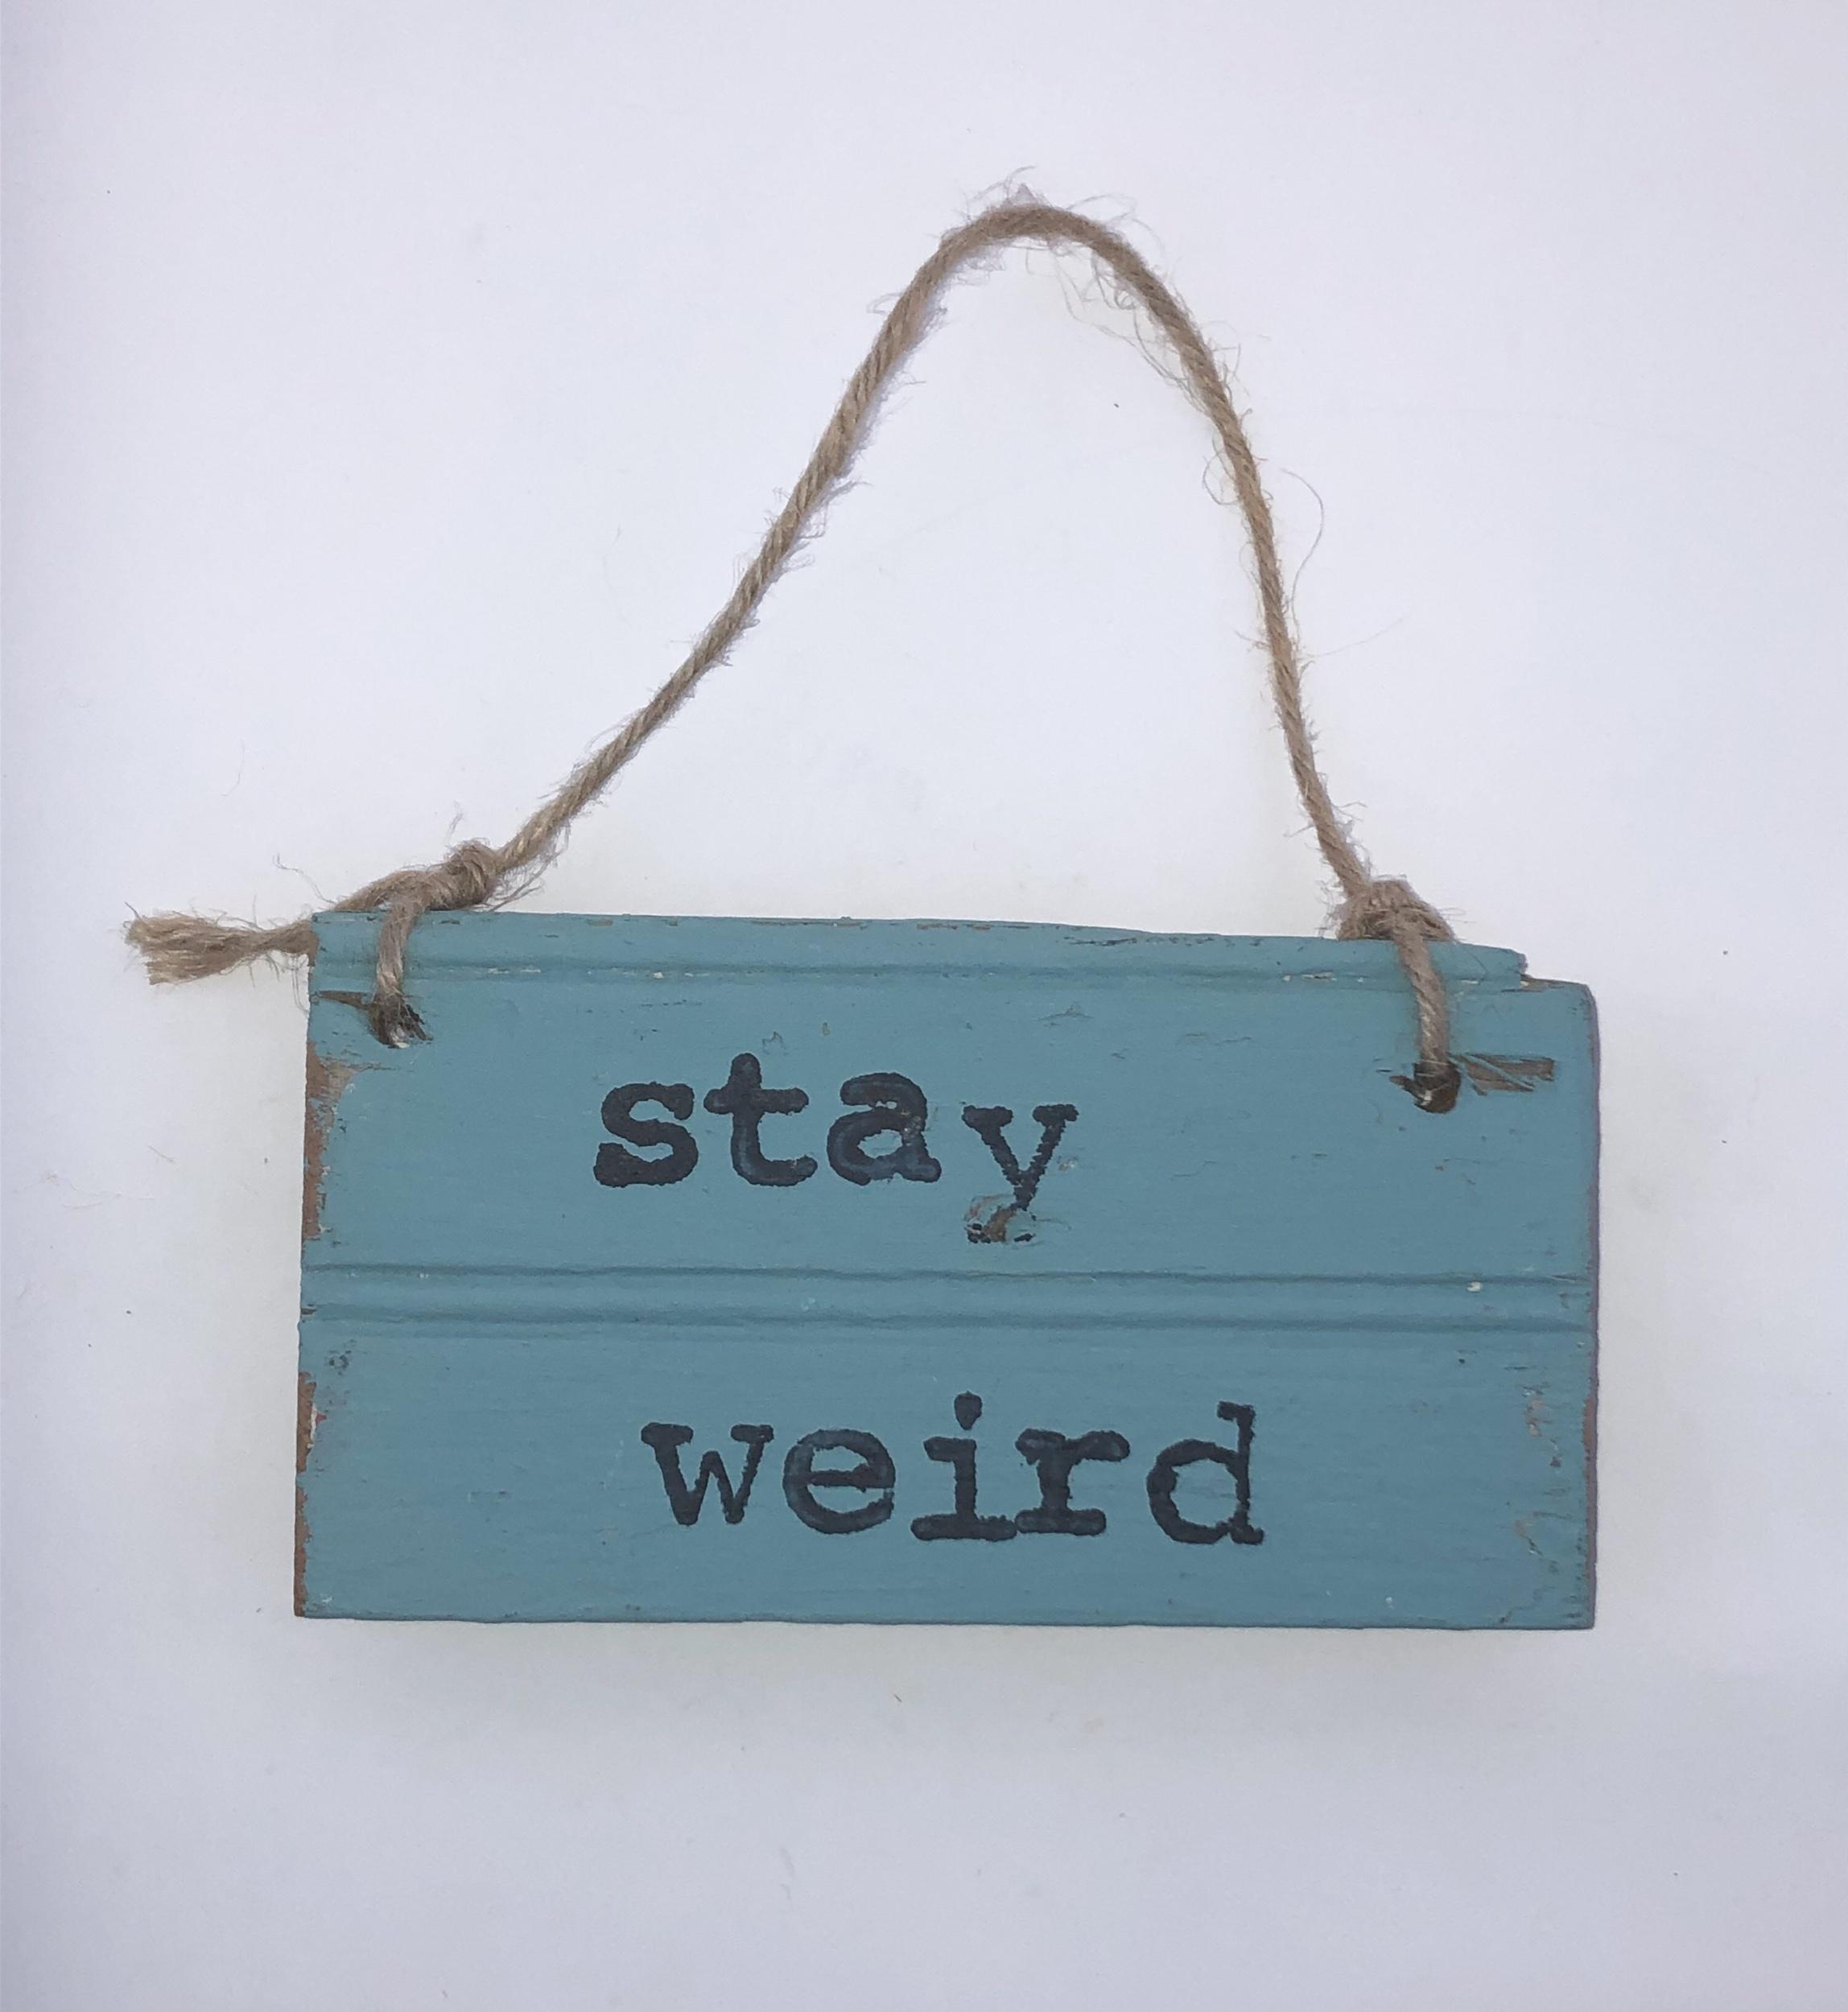 Stay weird.blue sign.jpeg